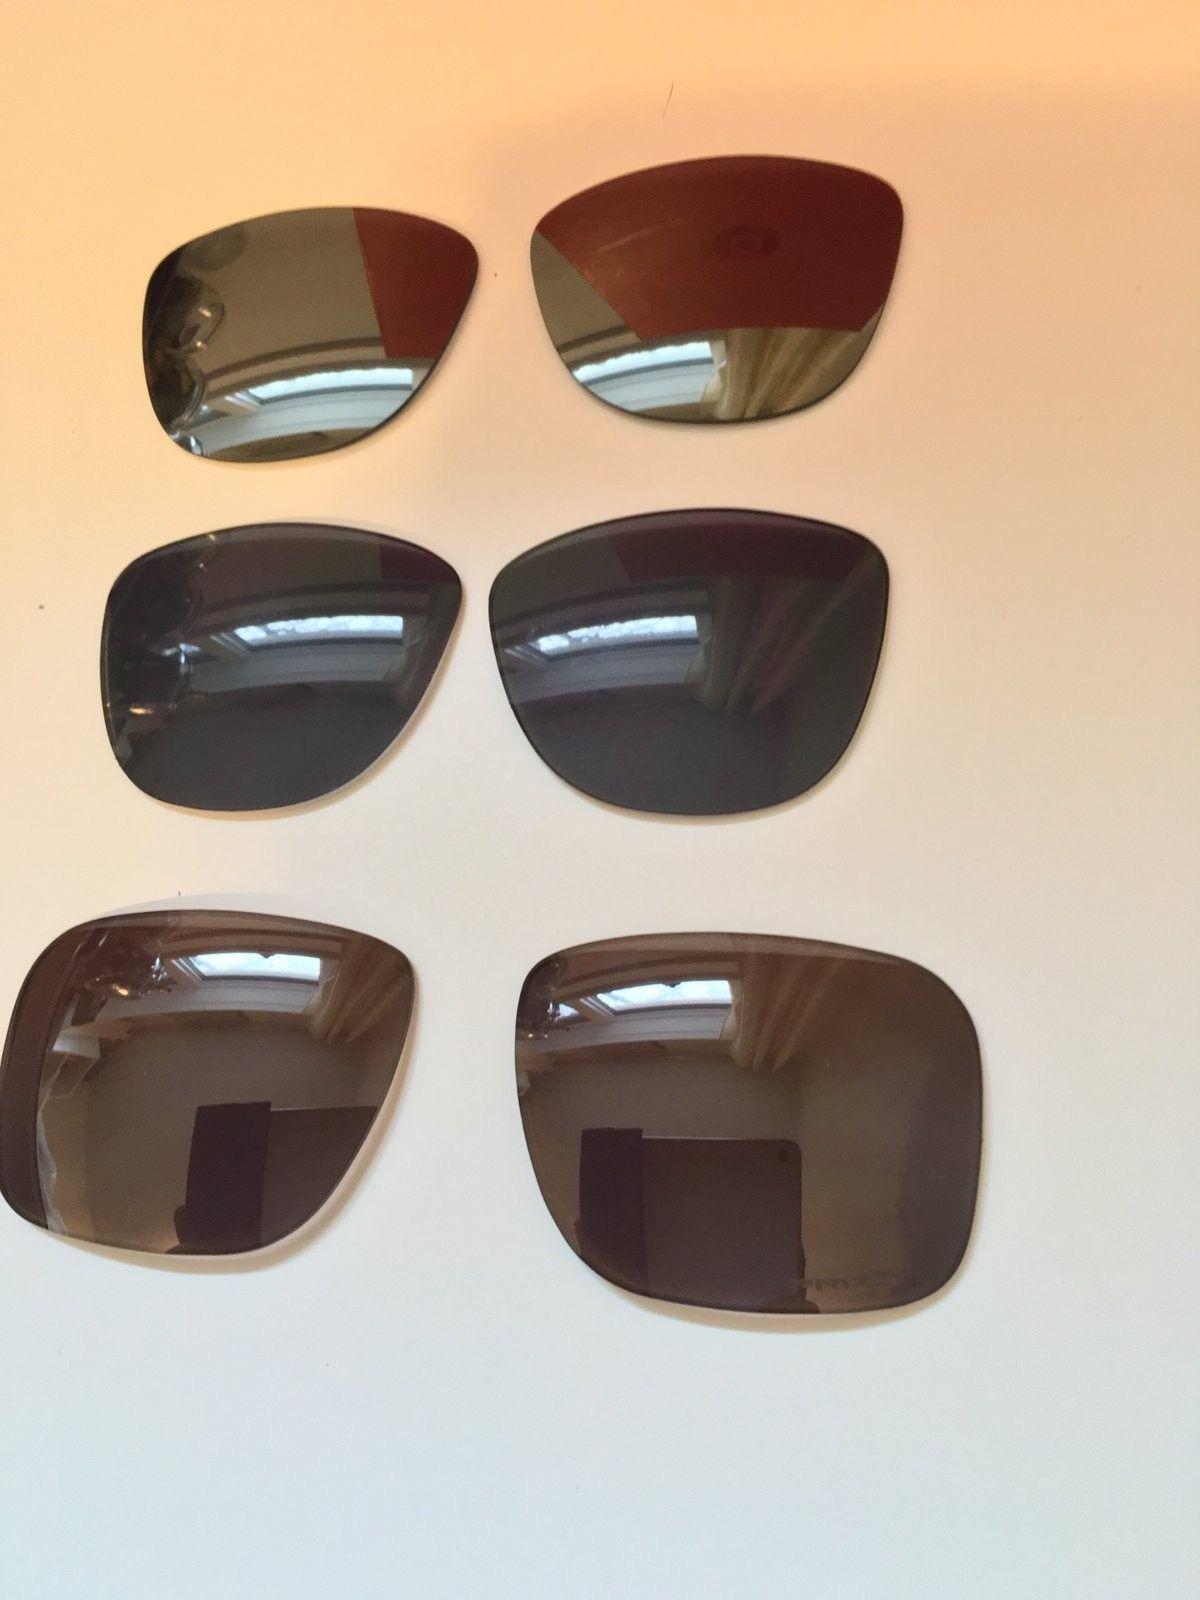 Holbrook Prizm Daily Polarized Lenses $80 - image.jpeg